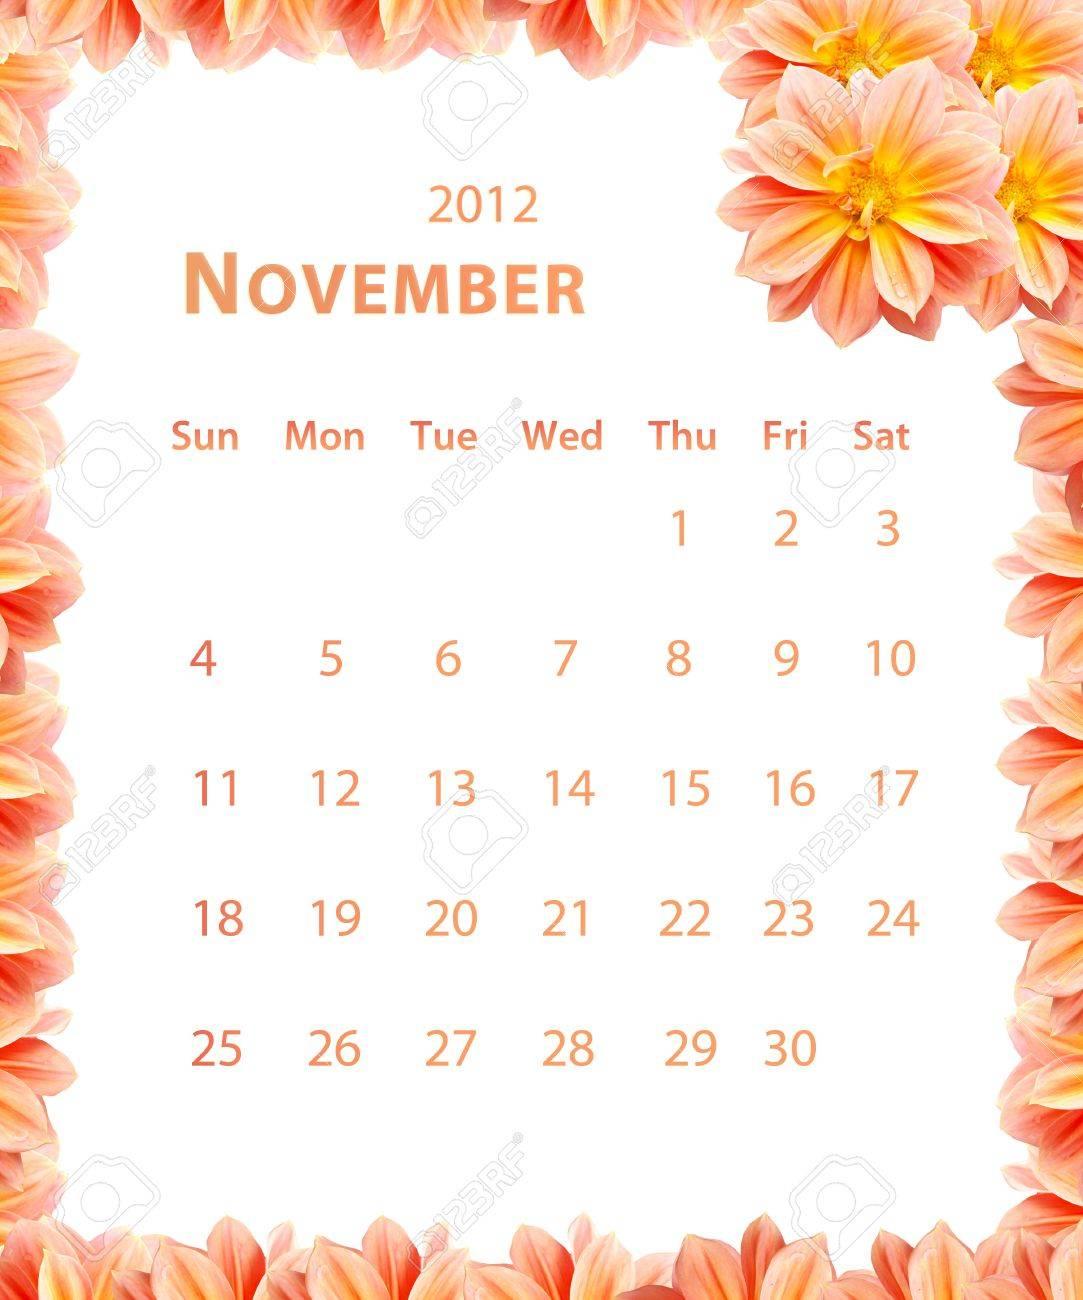 2012 Año Calendario, Noviembre Con Un Diseño Marco De La Flor Fotos ...